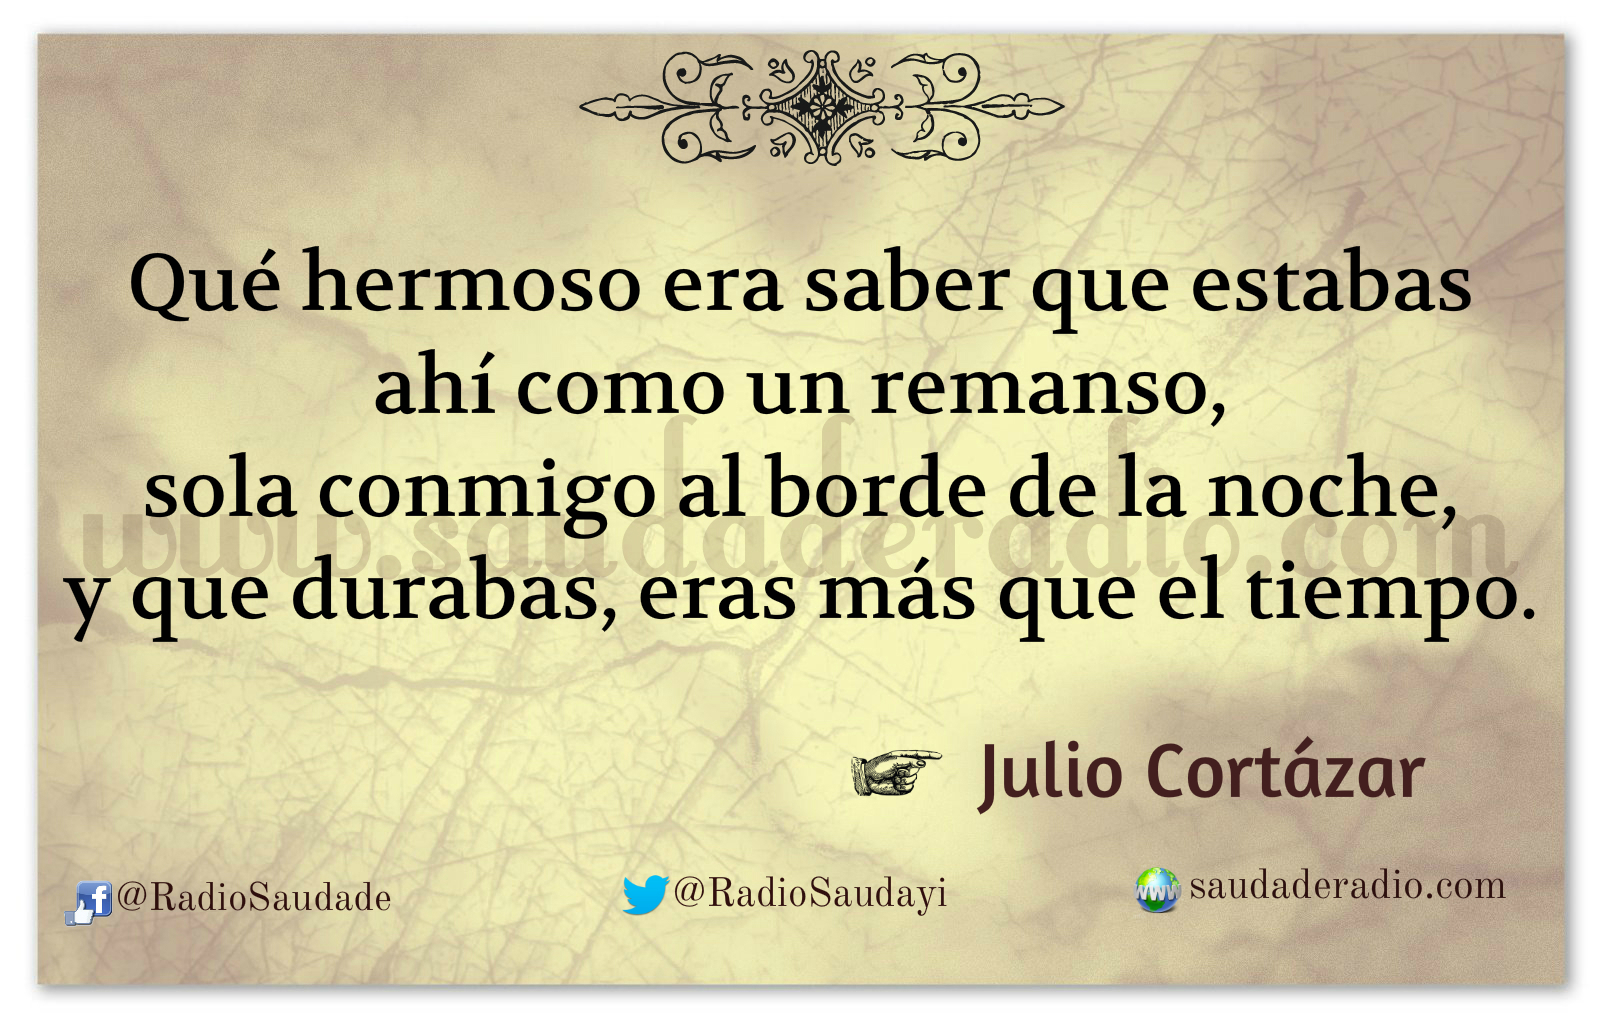 Sobremesa Julio Cortázar